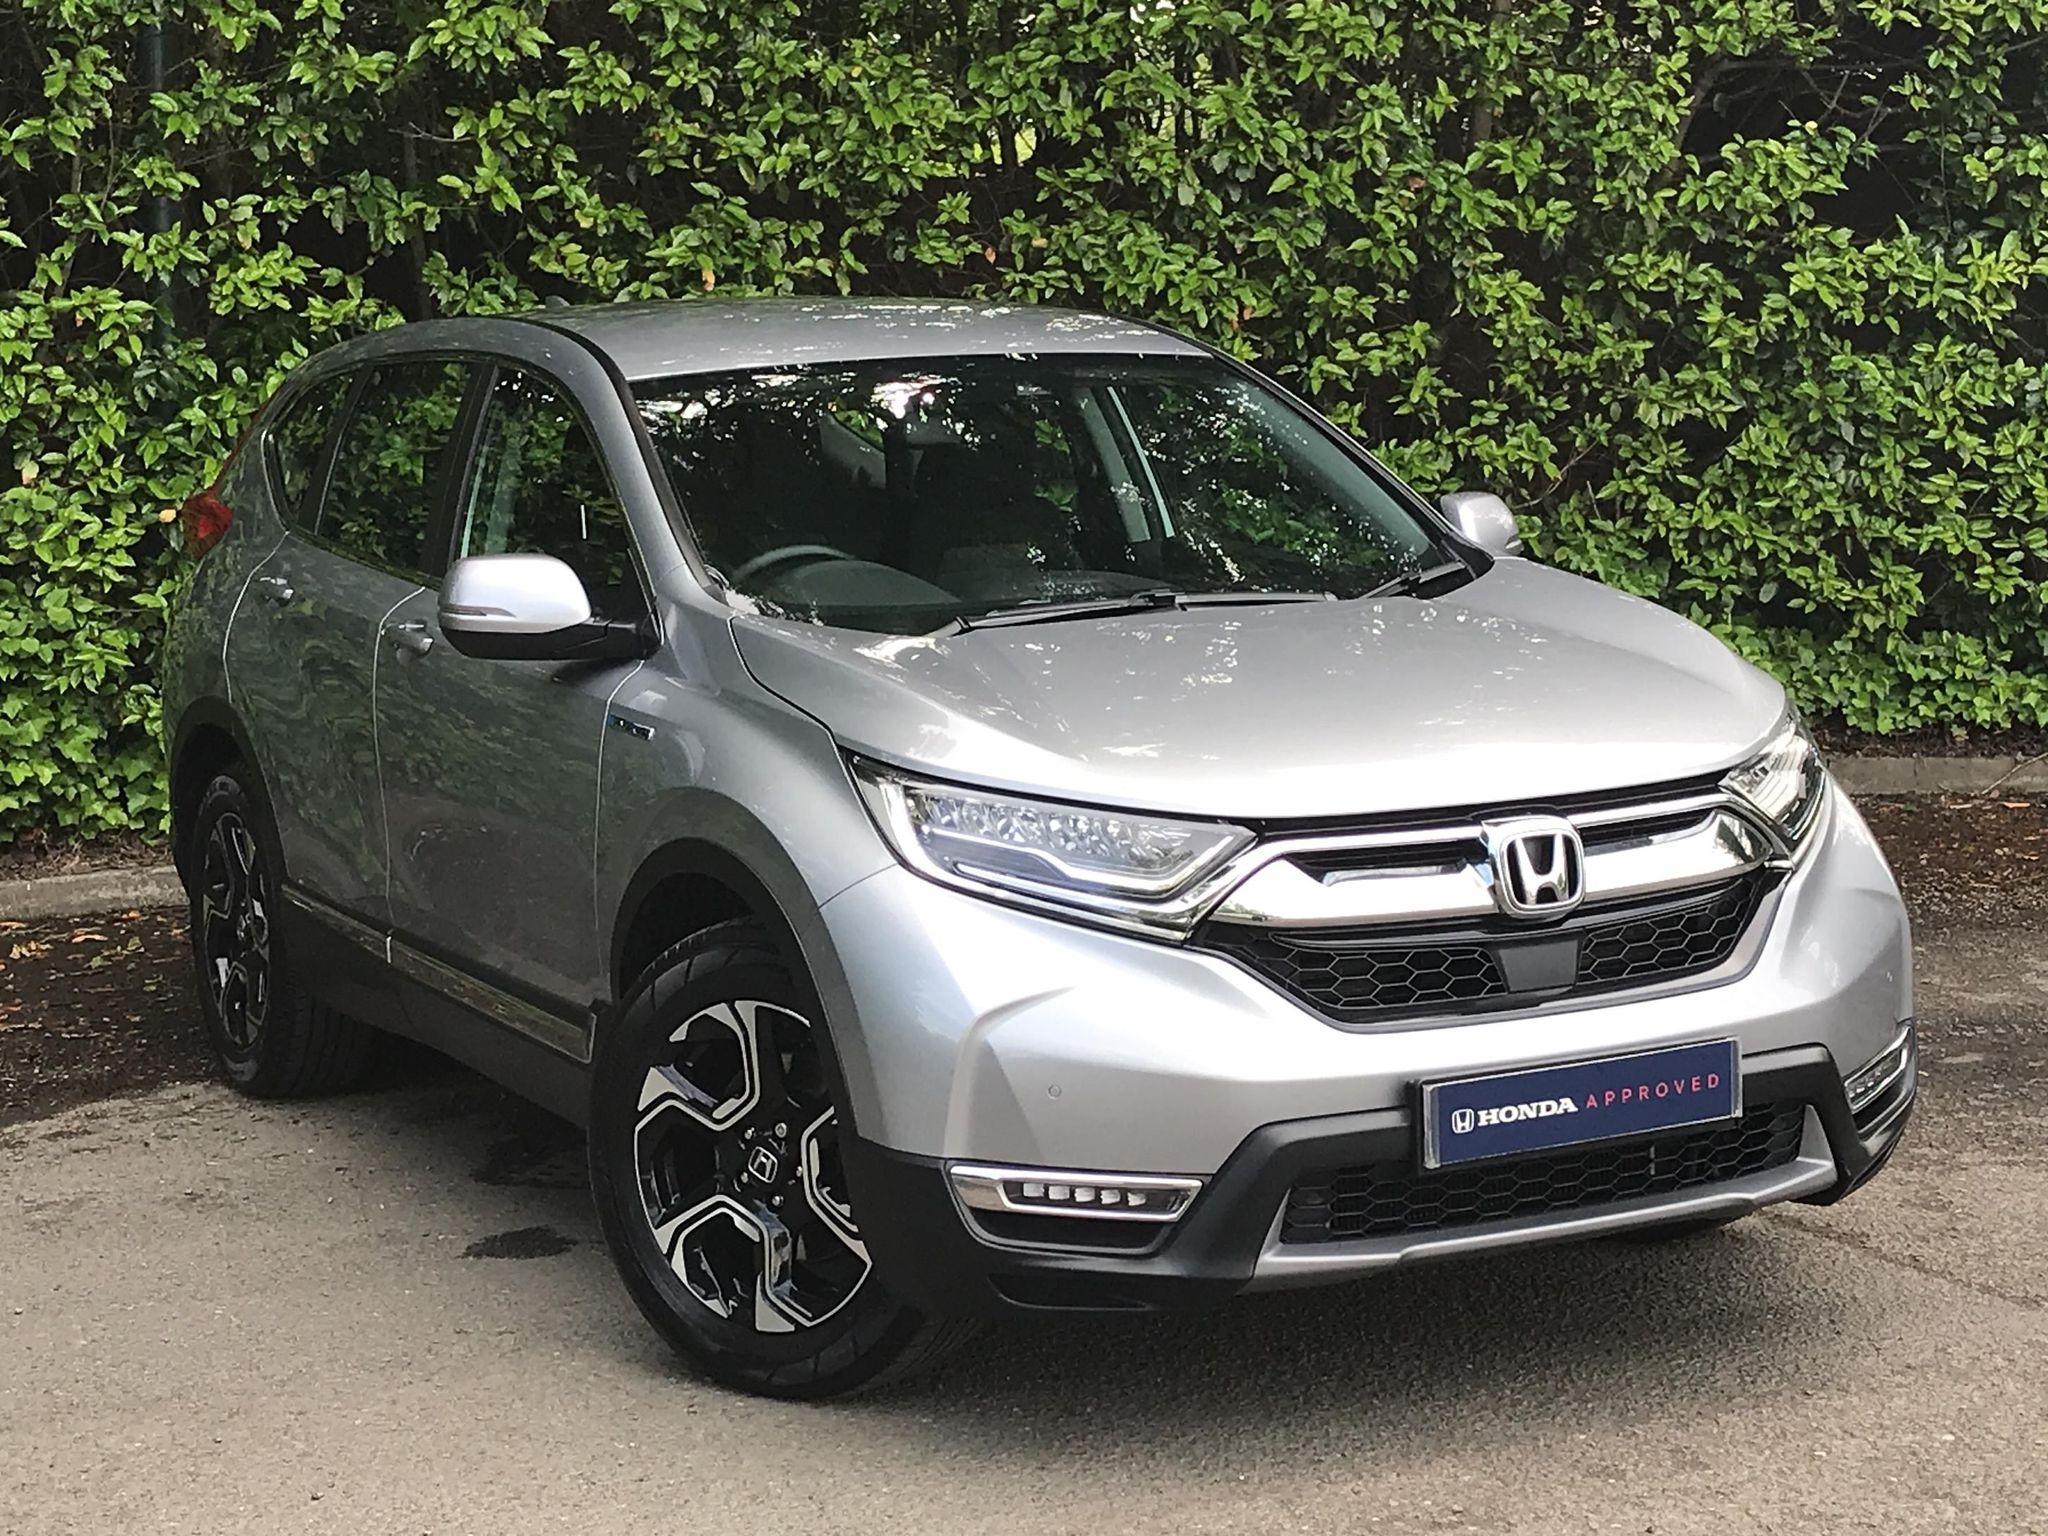 Honda CR-V 2.0 h i-MMD SE eCVT (s/s) 5dr